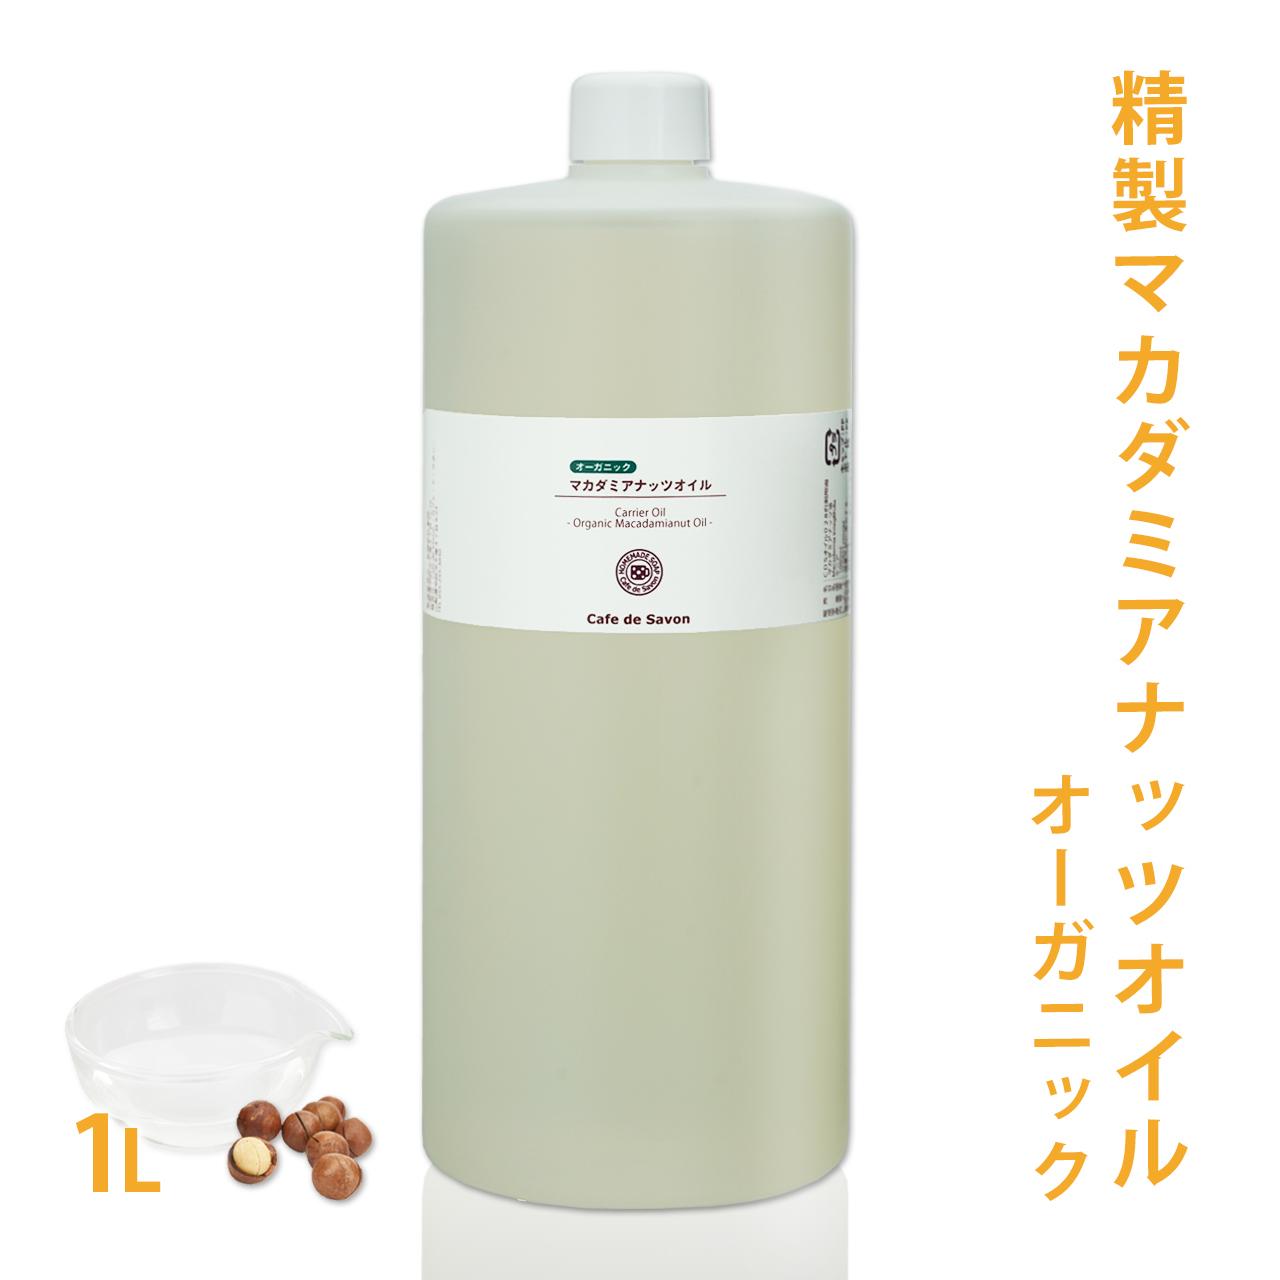 オーガニック 精製マカダミアナッツオイル 1L 【マカデミアナッツ】